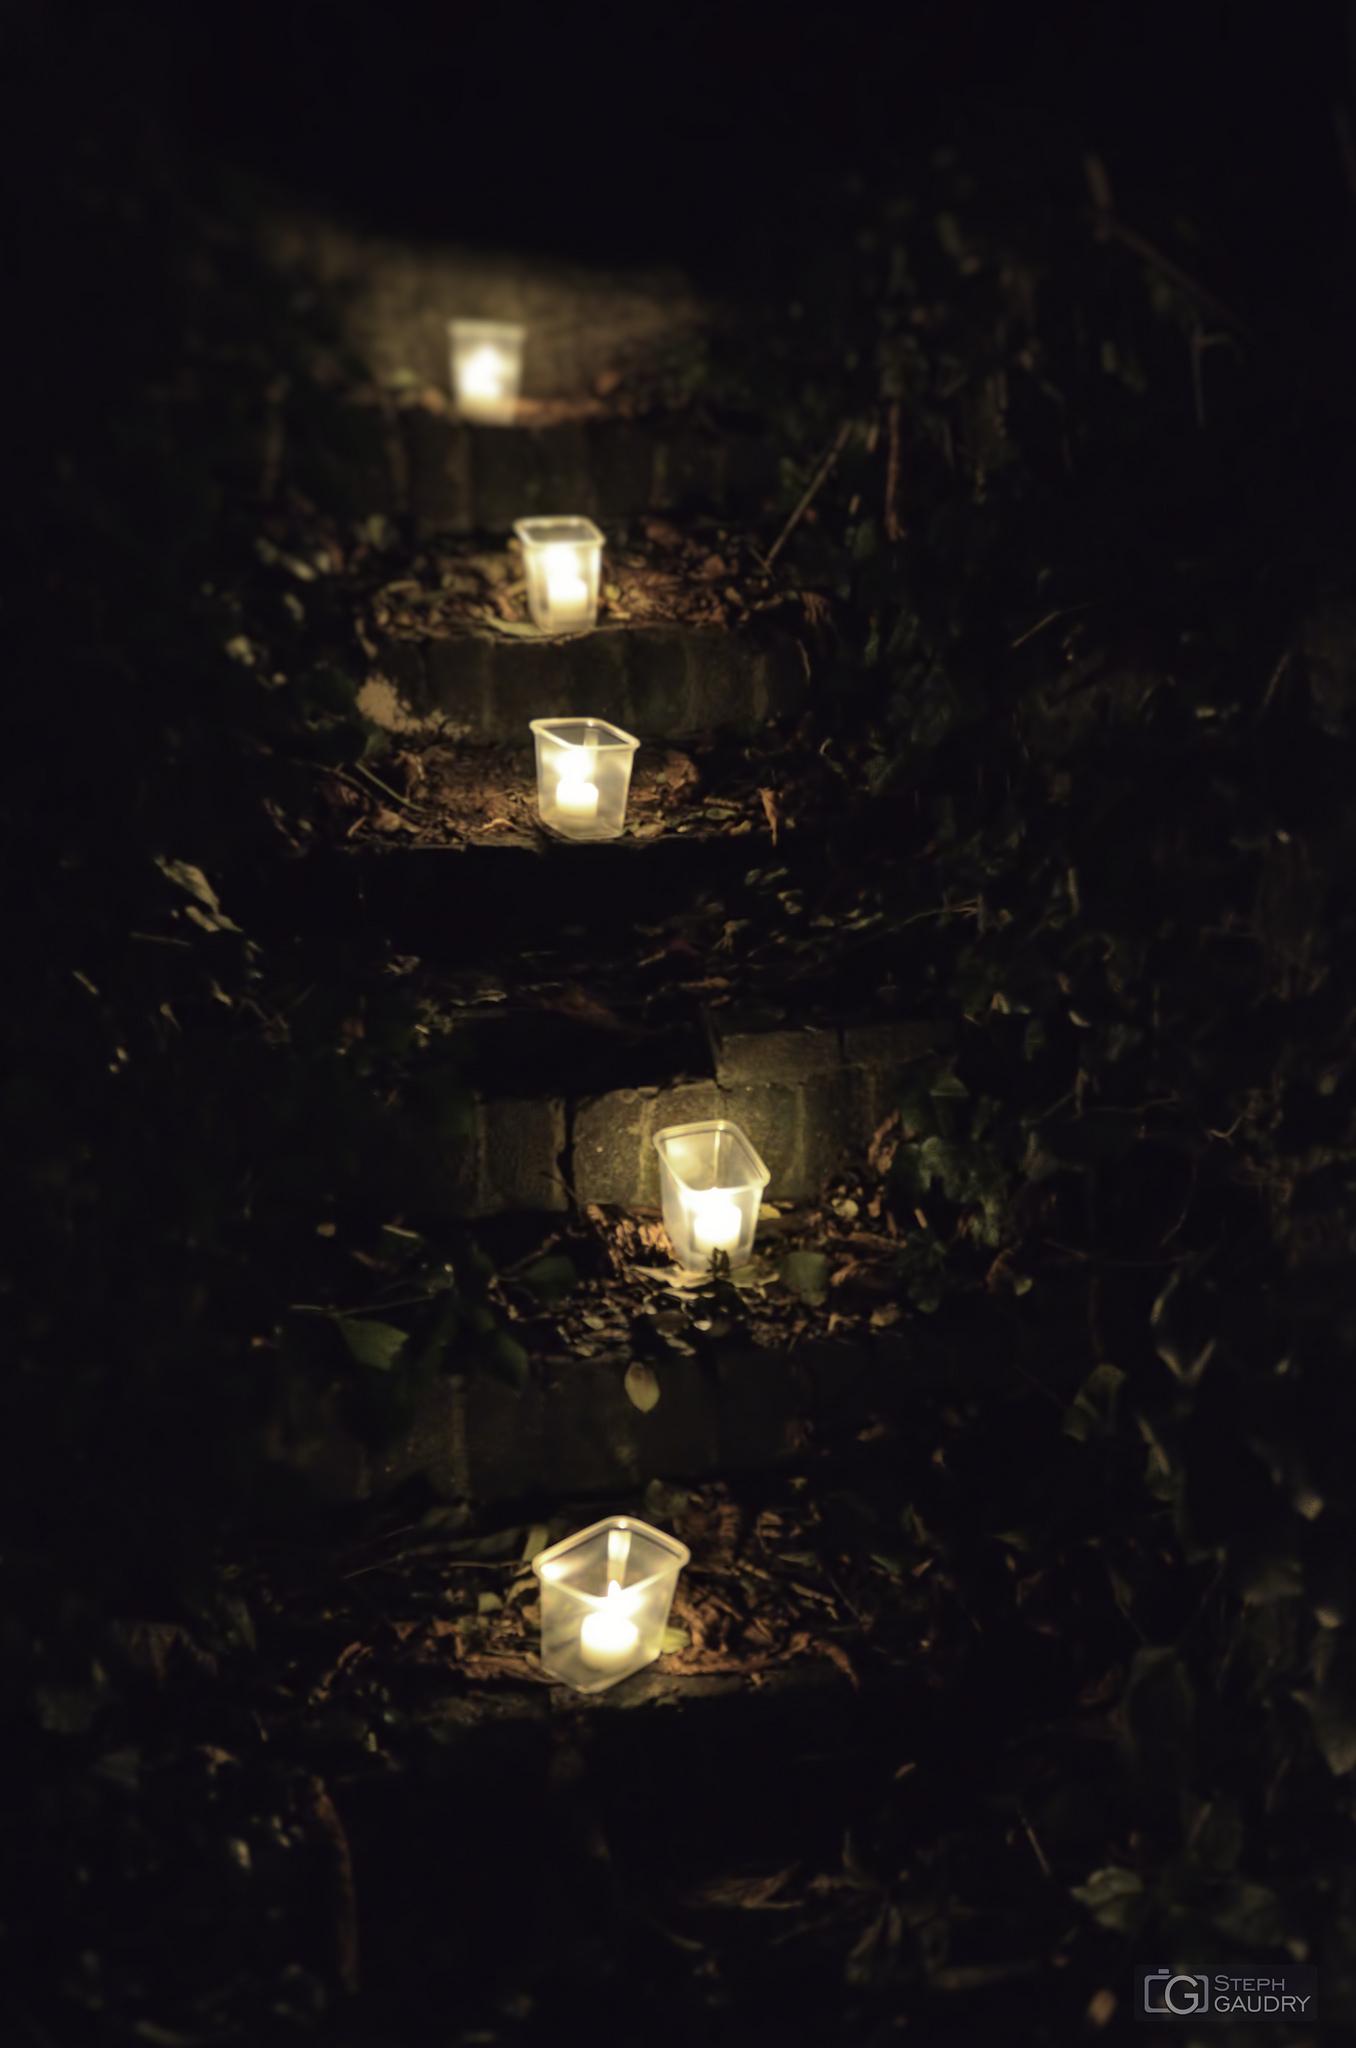 Comme les bougies, les amoureux brûlent avant de fondre (en larmes).